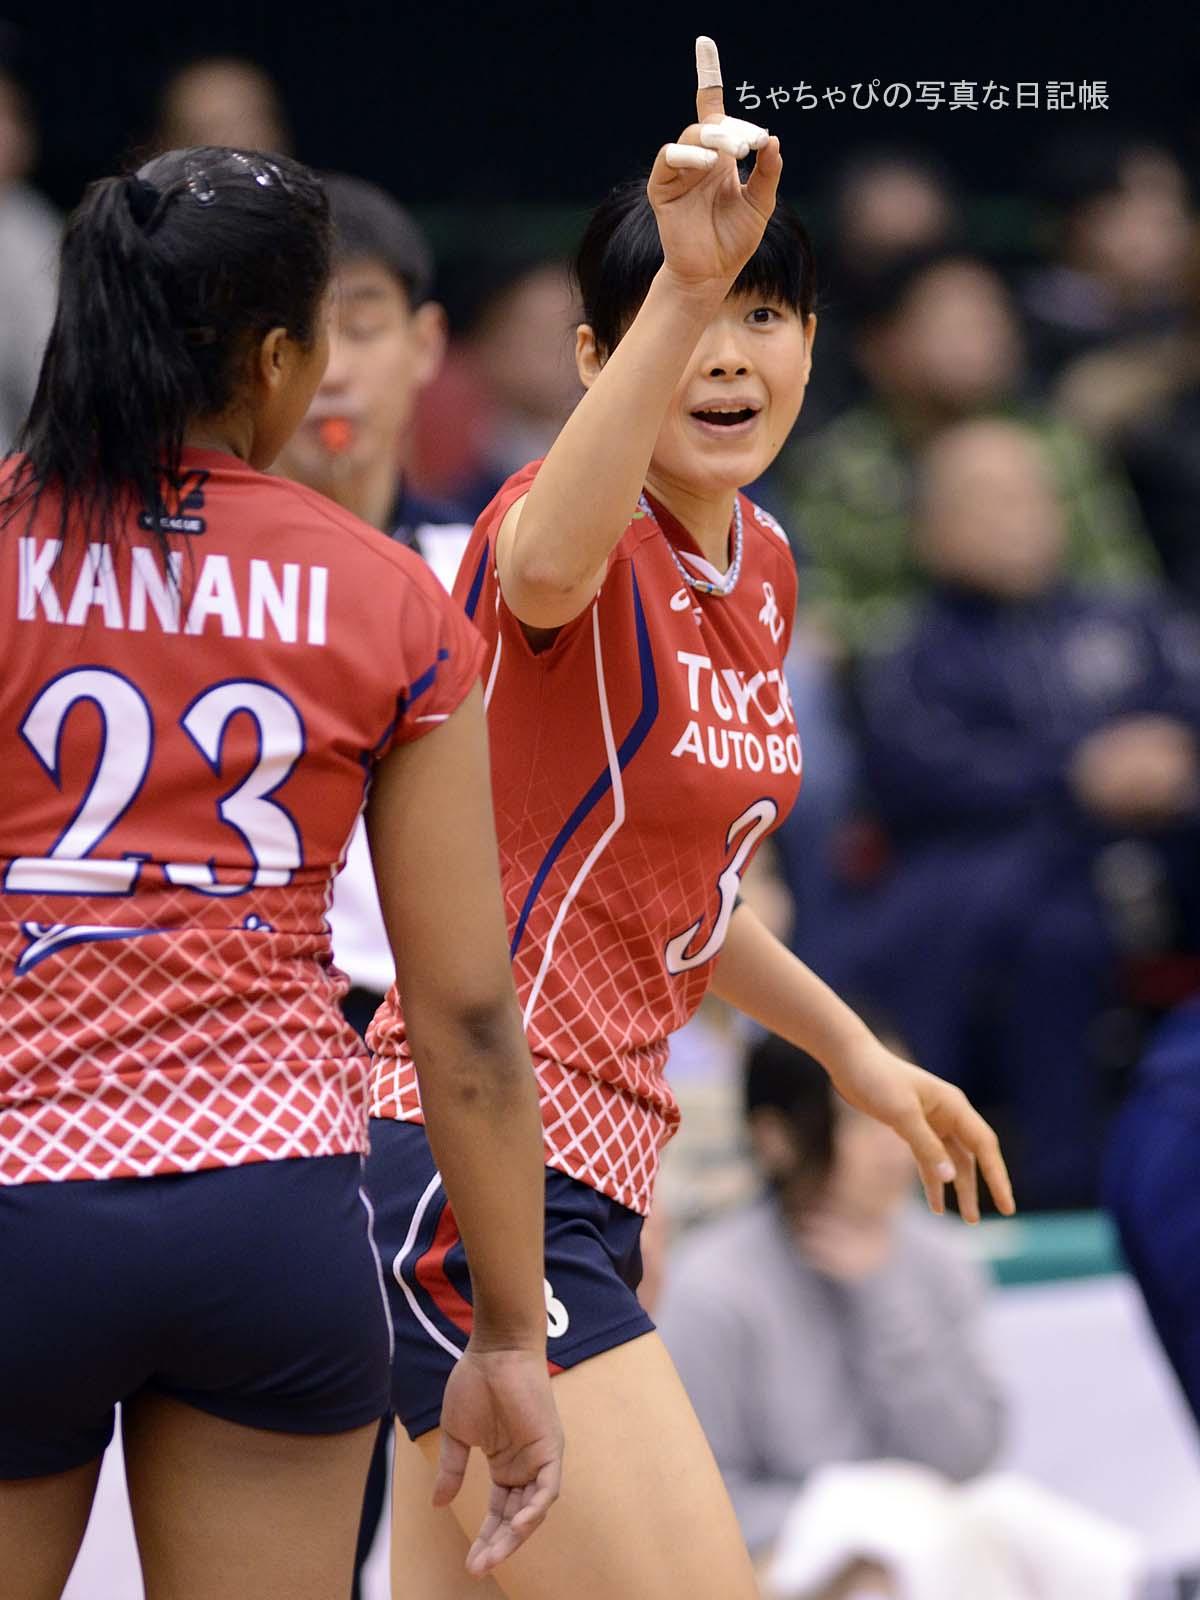 山本陽子選手 トヨタ車体クインシーズ 山本陽子選手: ちゃちゃぴの写真な日記帳